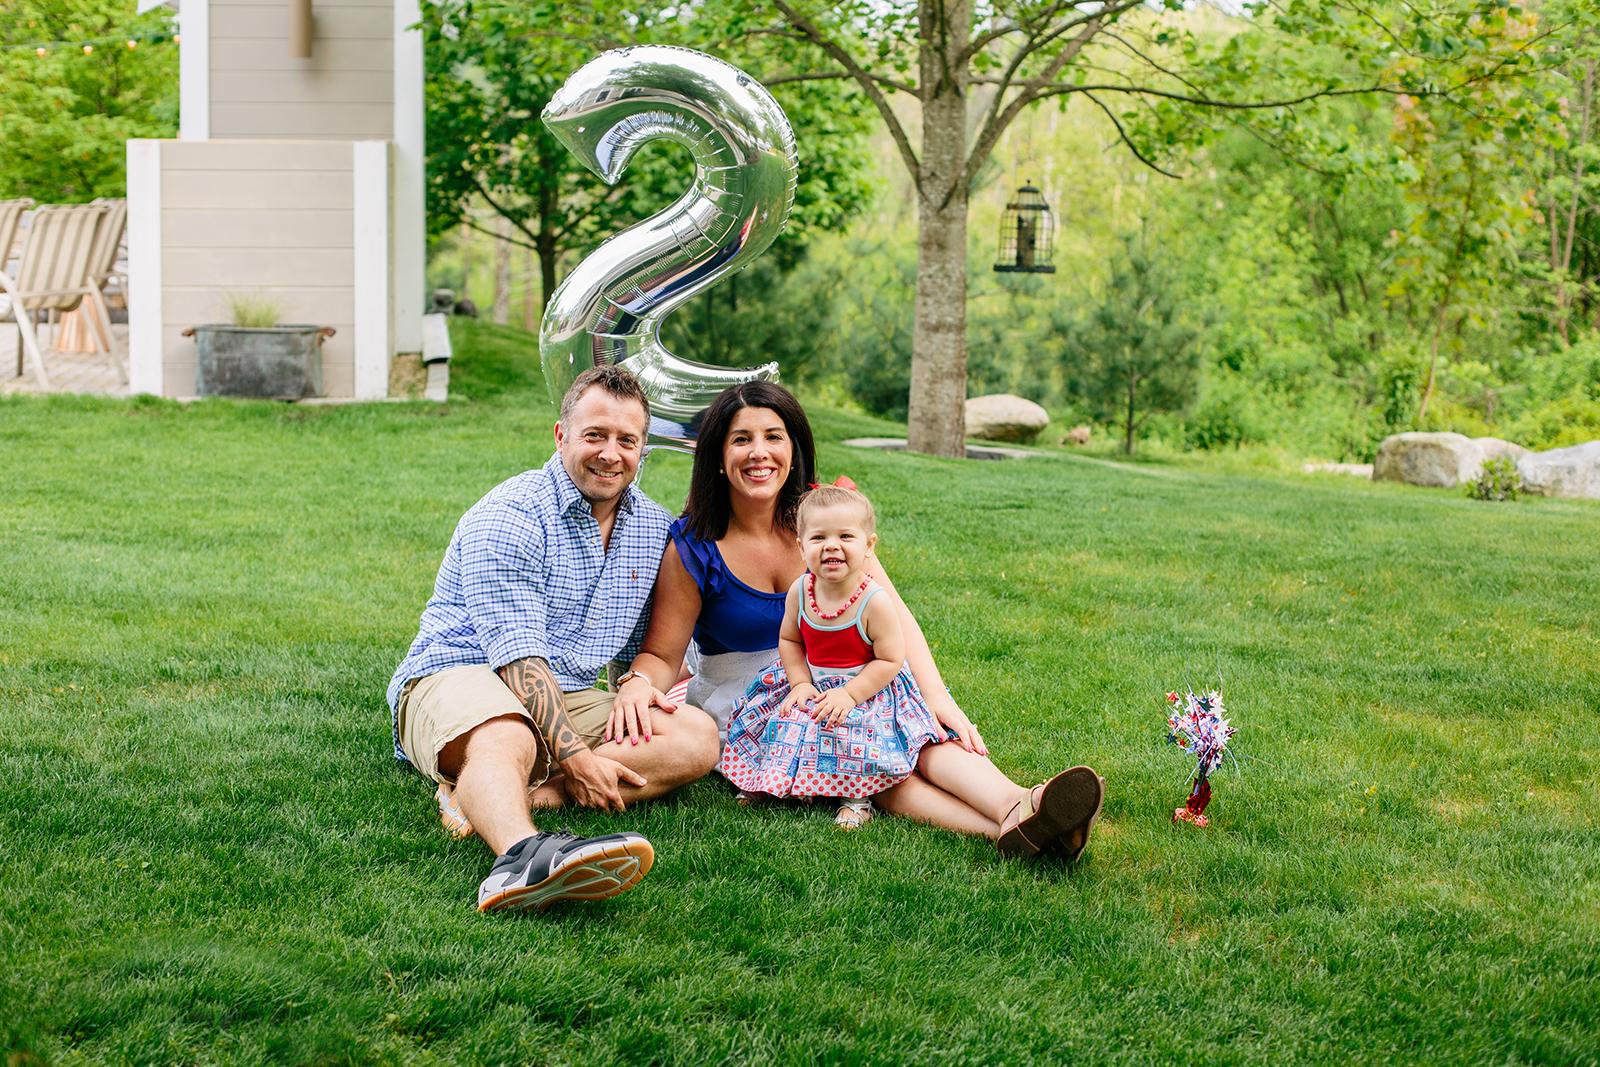 berkley family photographer.jpg